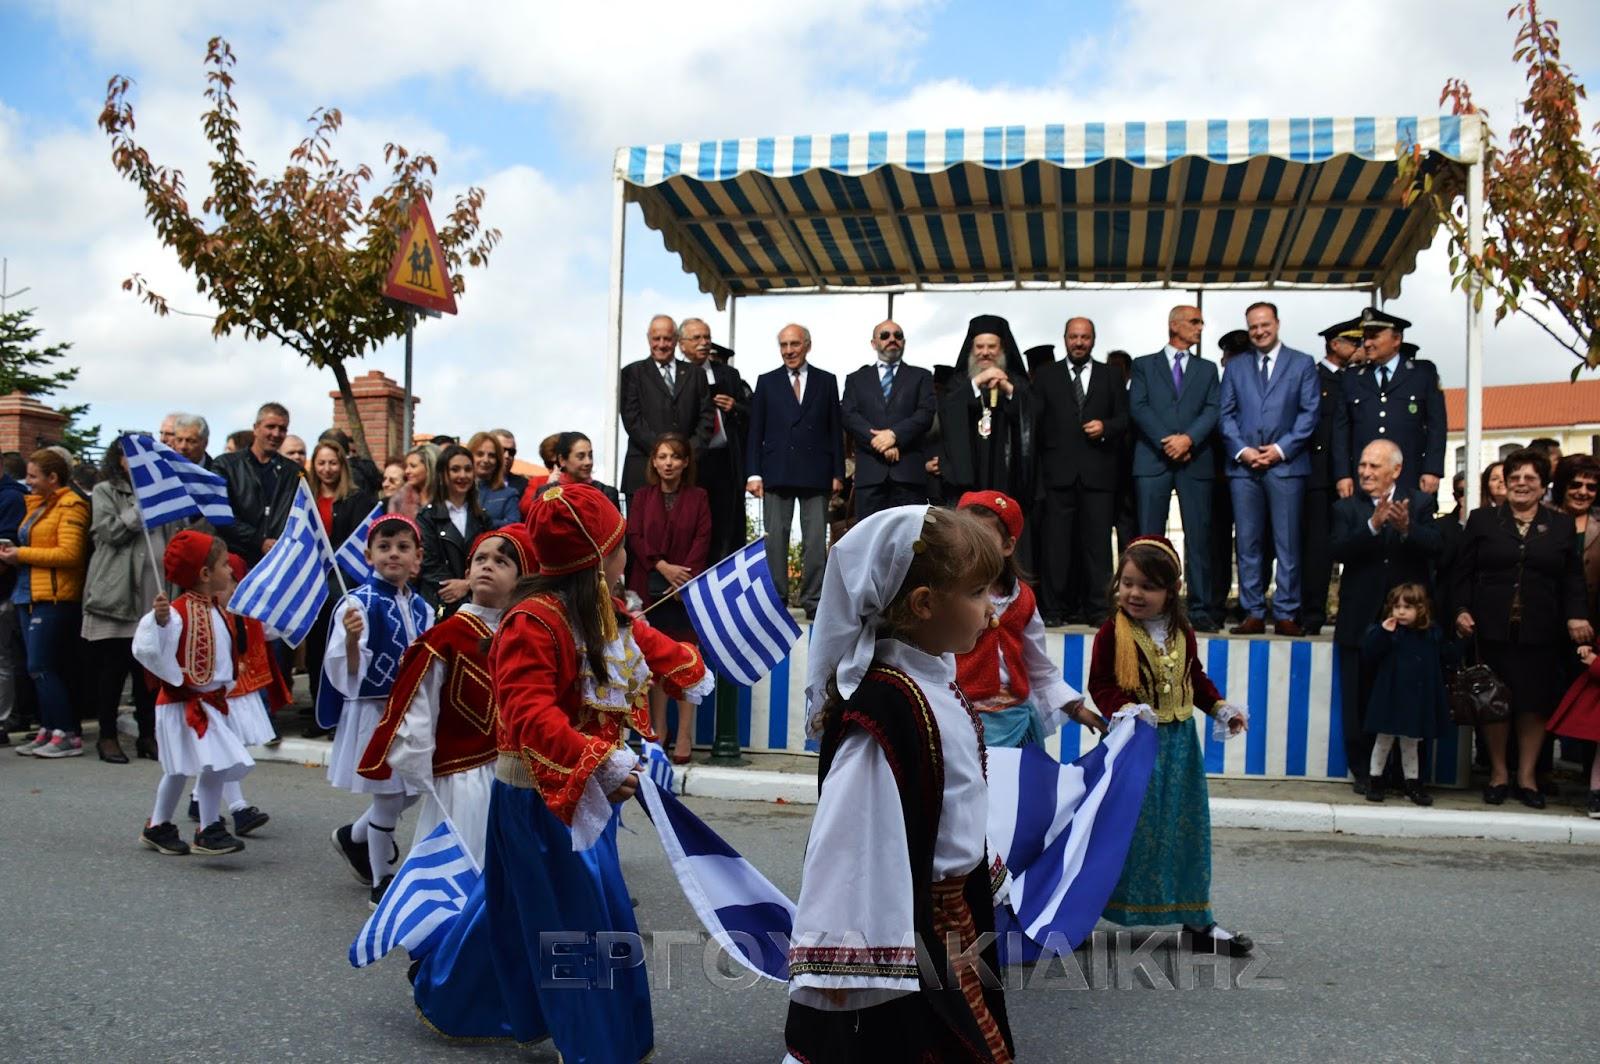 Η Μαθητική παρέλαση στην Αρναια (βίντεο φώτο)